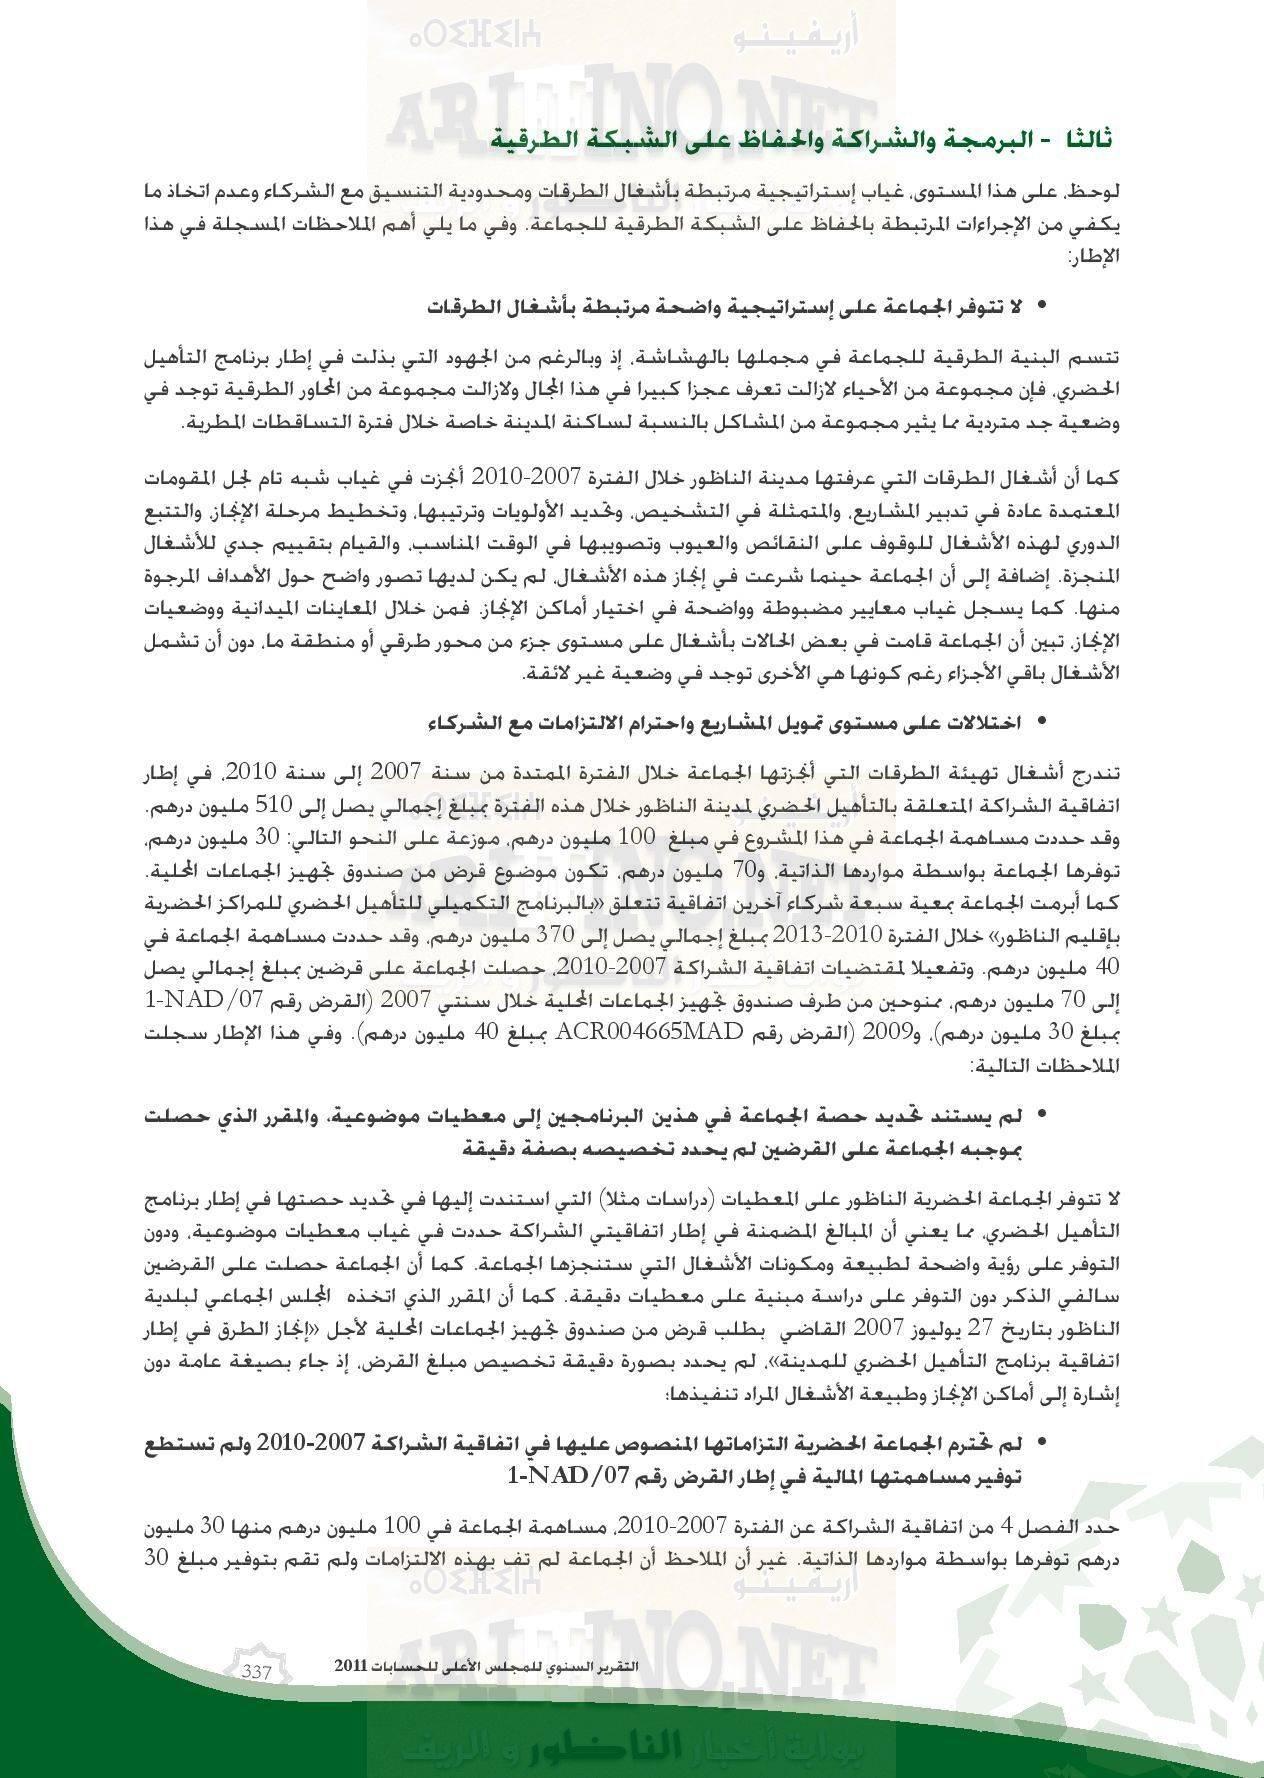 nador_0063 تقرير المجلس الاعلى للحسابات: بلدية الناظور تعيش إختلالات و عشوائية و عاجزة عن القيام بمهامها